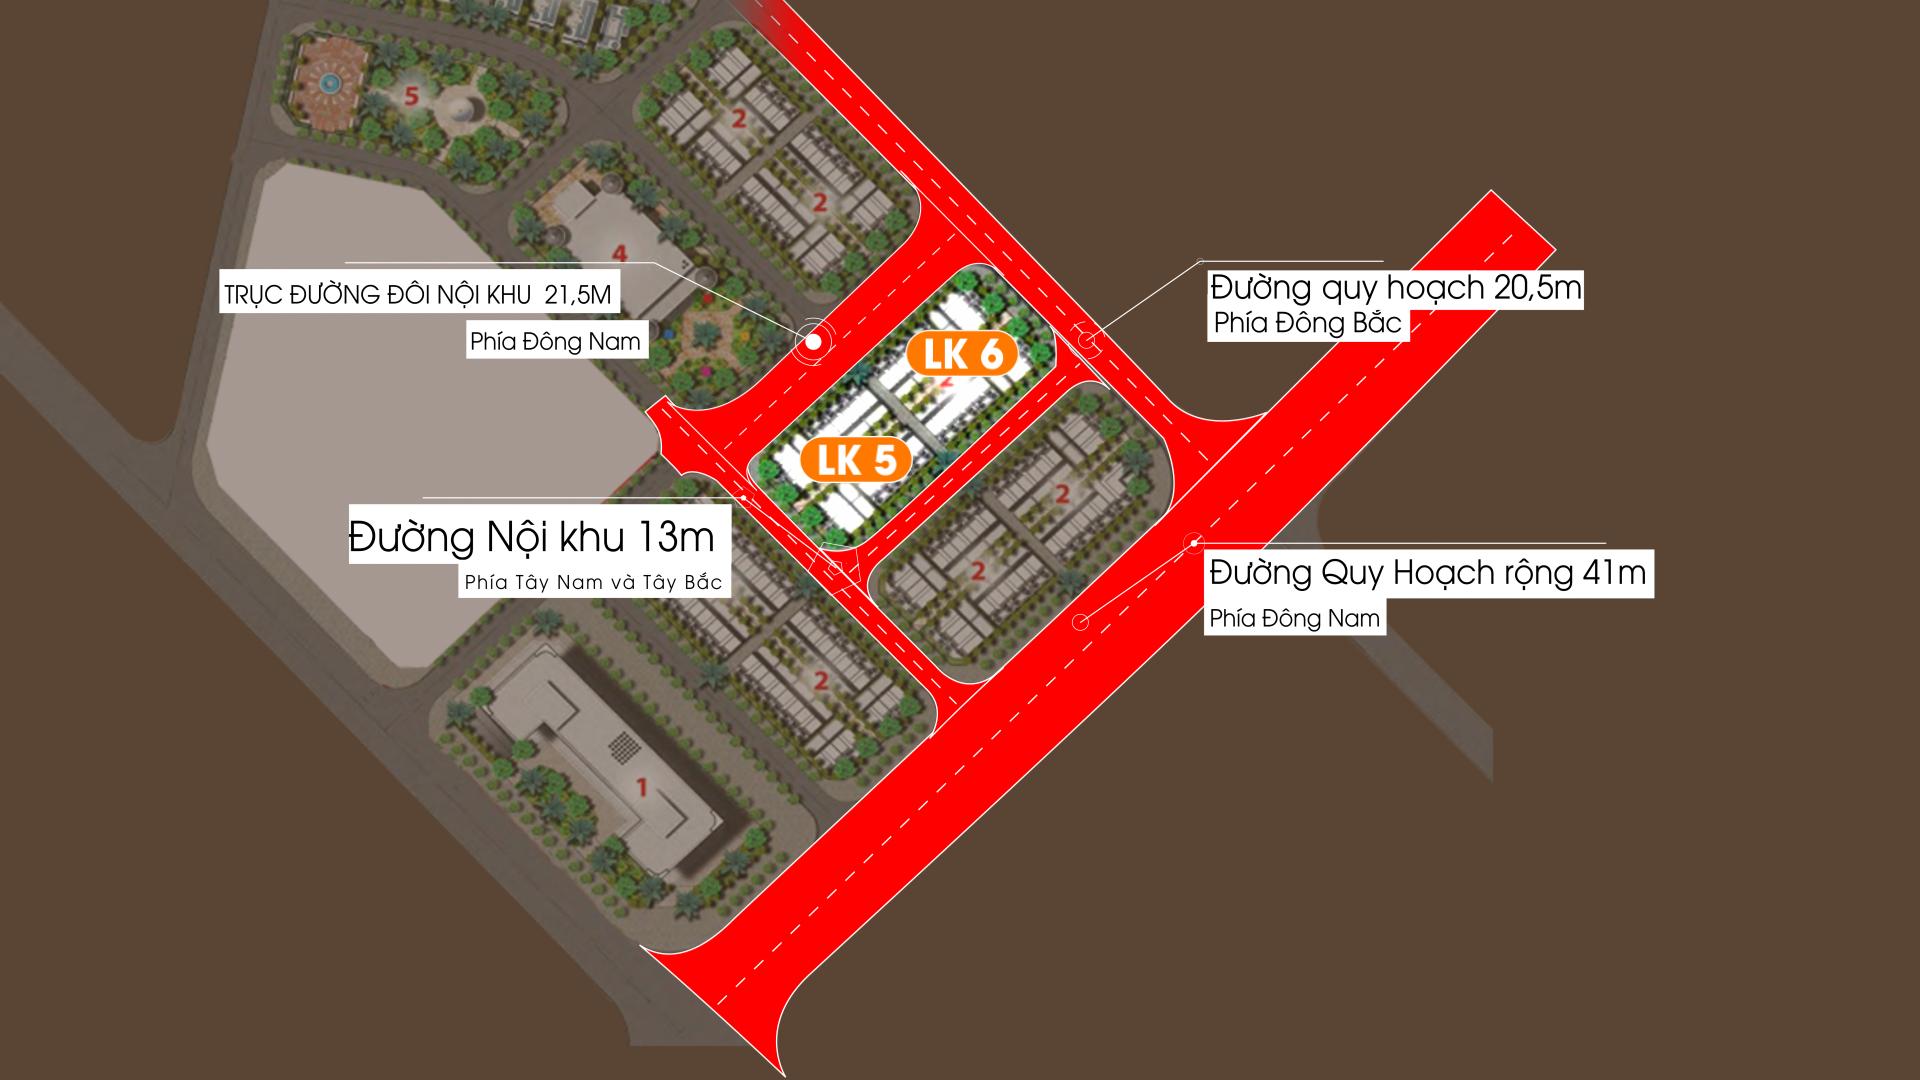 Phân khu Biệt thự Liền kề LK5 vs LK6 Dự án Vimefulland Cổ Dương Helianthus Center Red River 2021